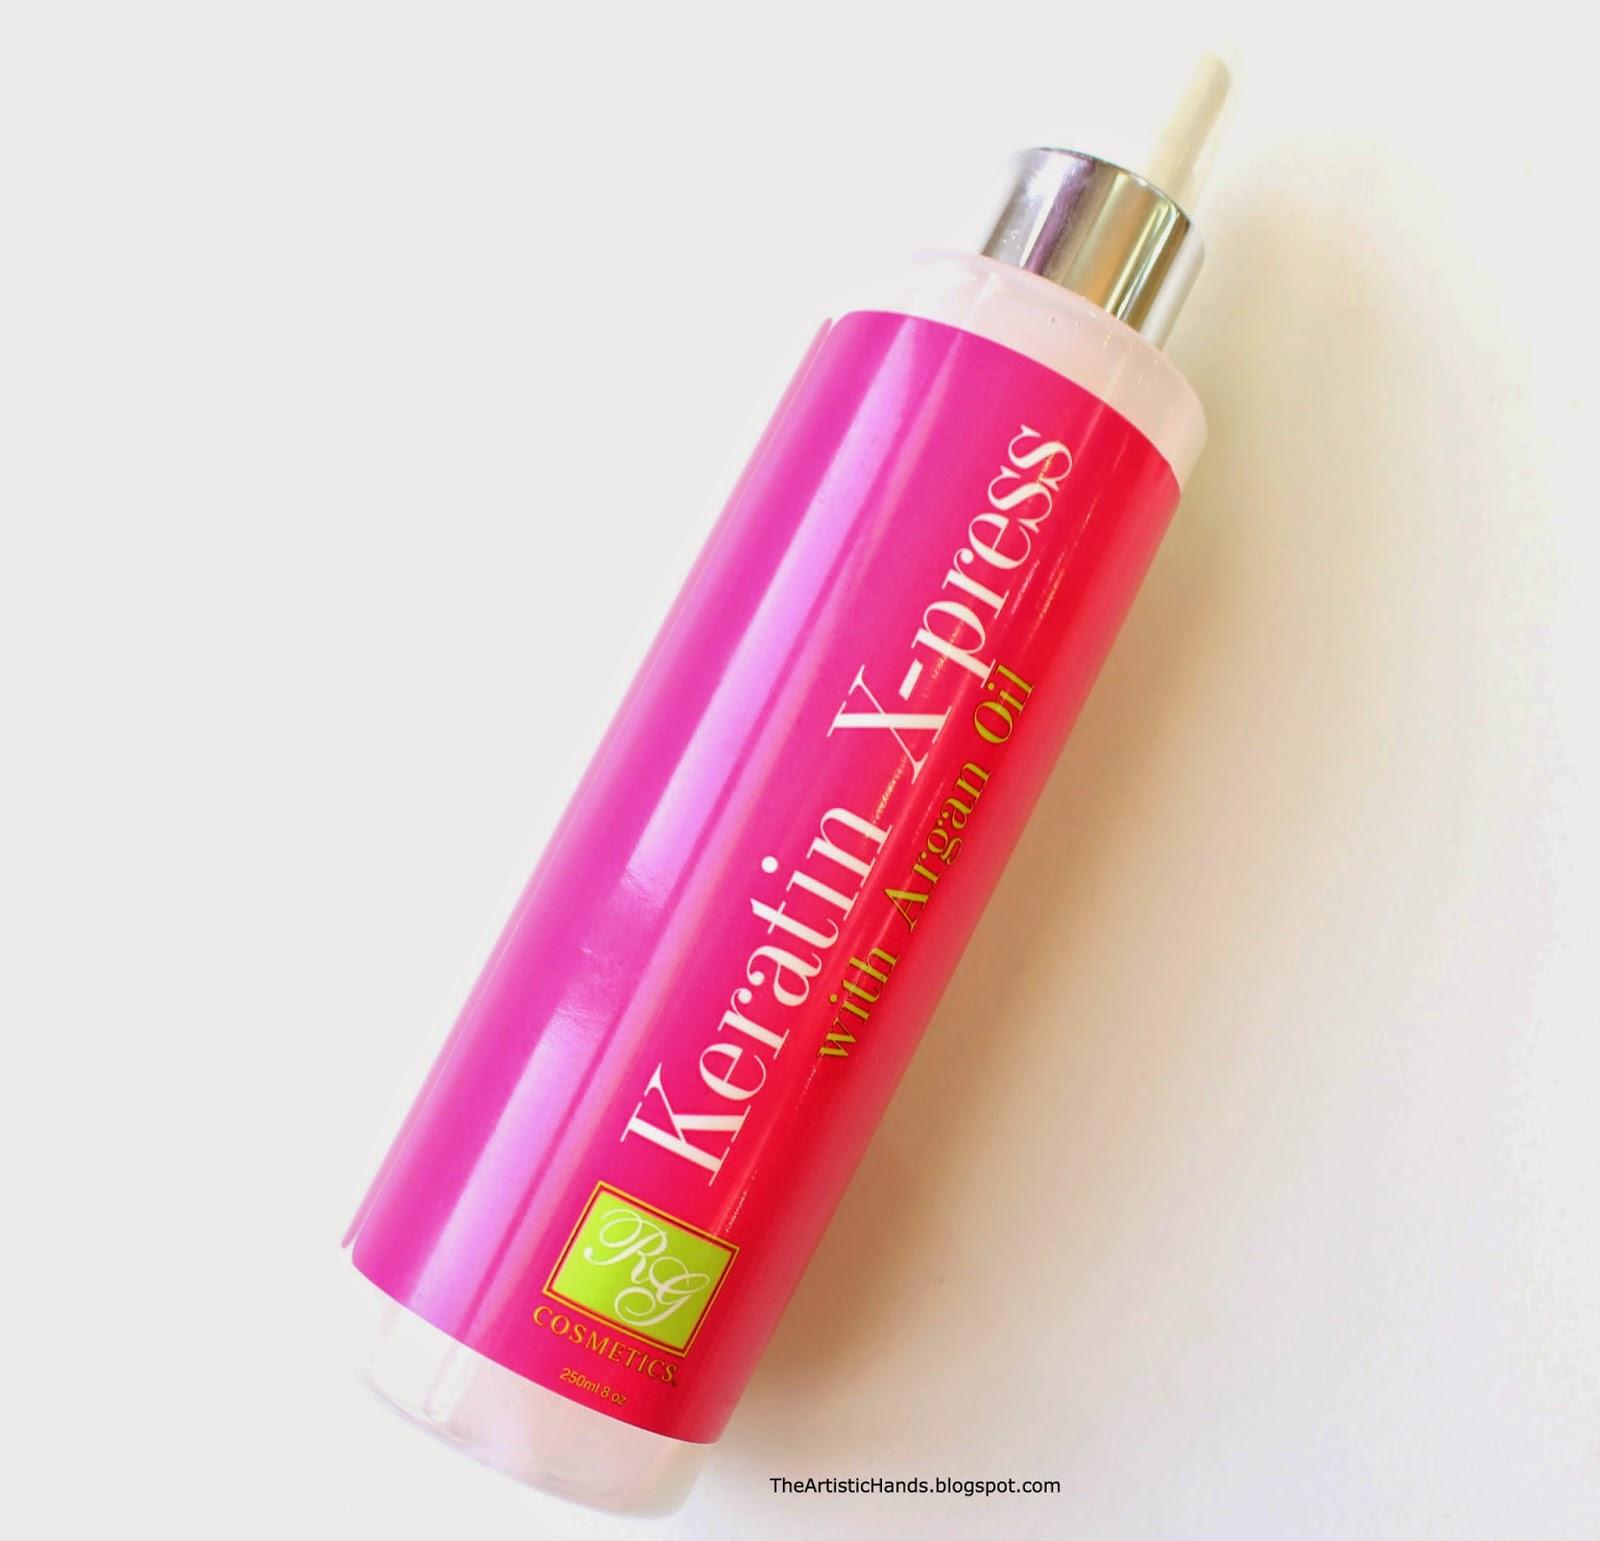 39b346e1c RG Cosmetics Keratin X-press With Argan Oil ريفيو بخاخ معالج للشعر  بالكيراتين وزيت الأرغان